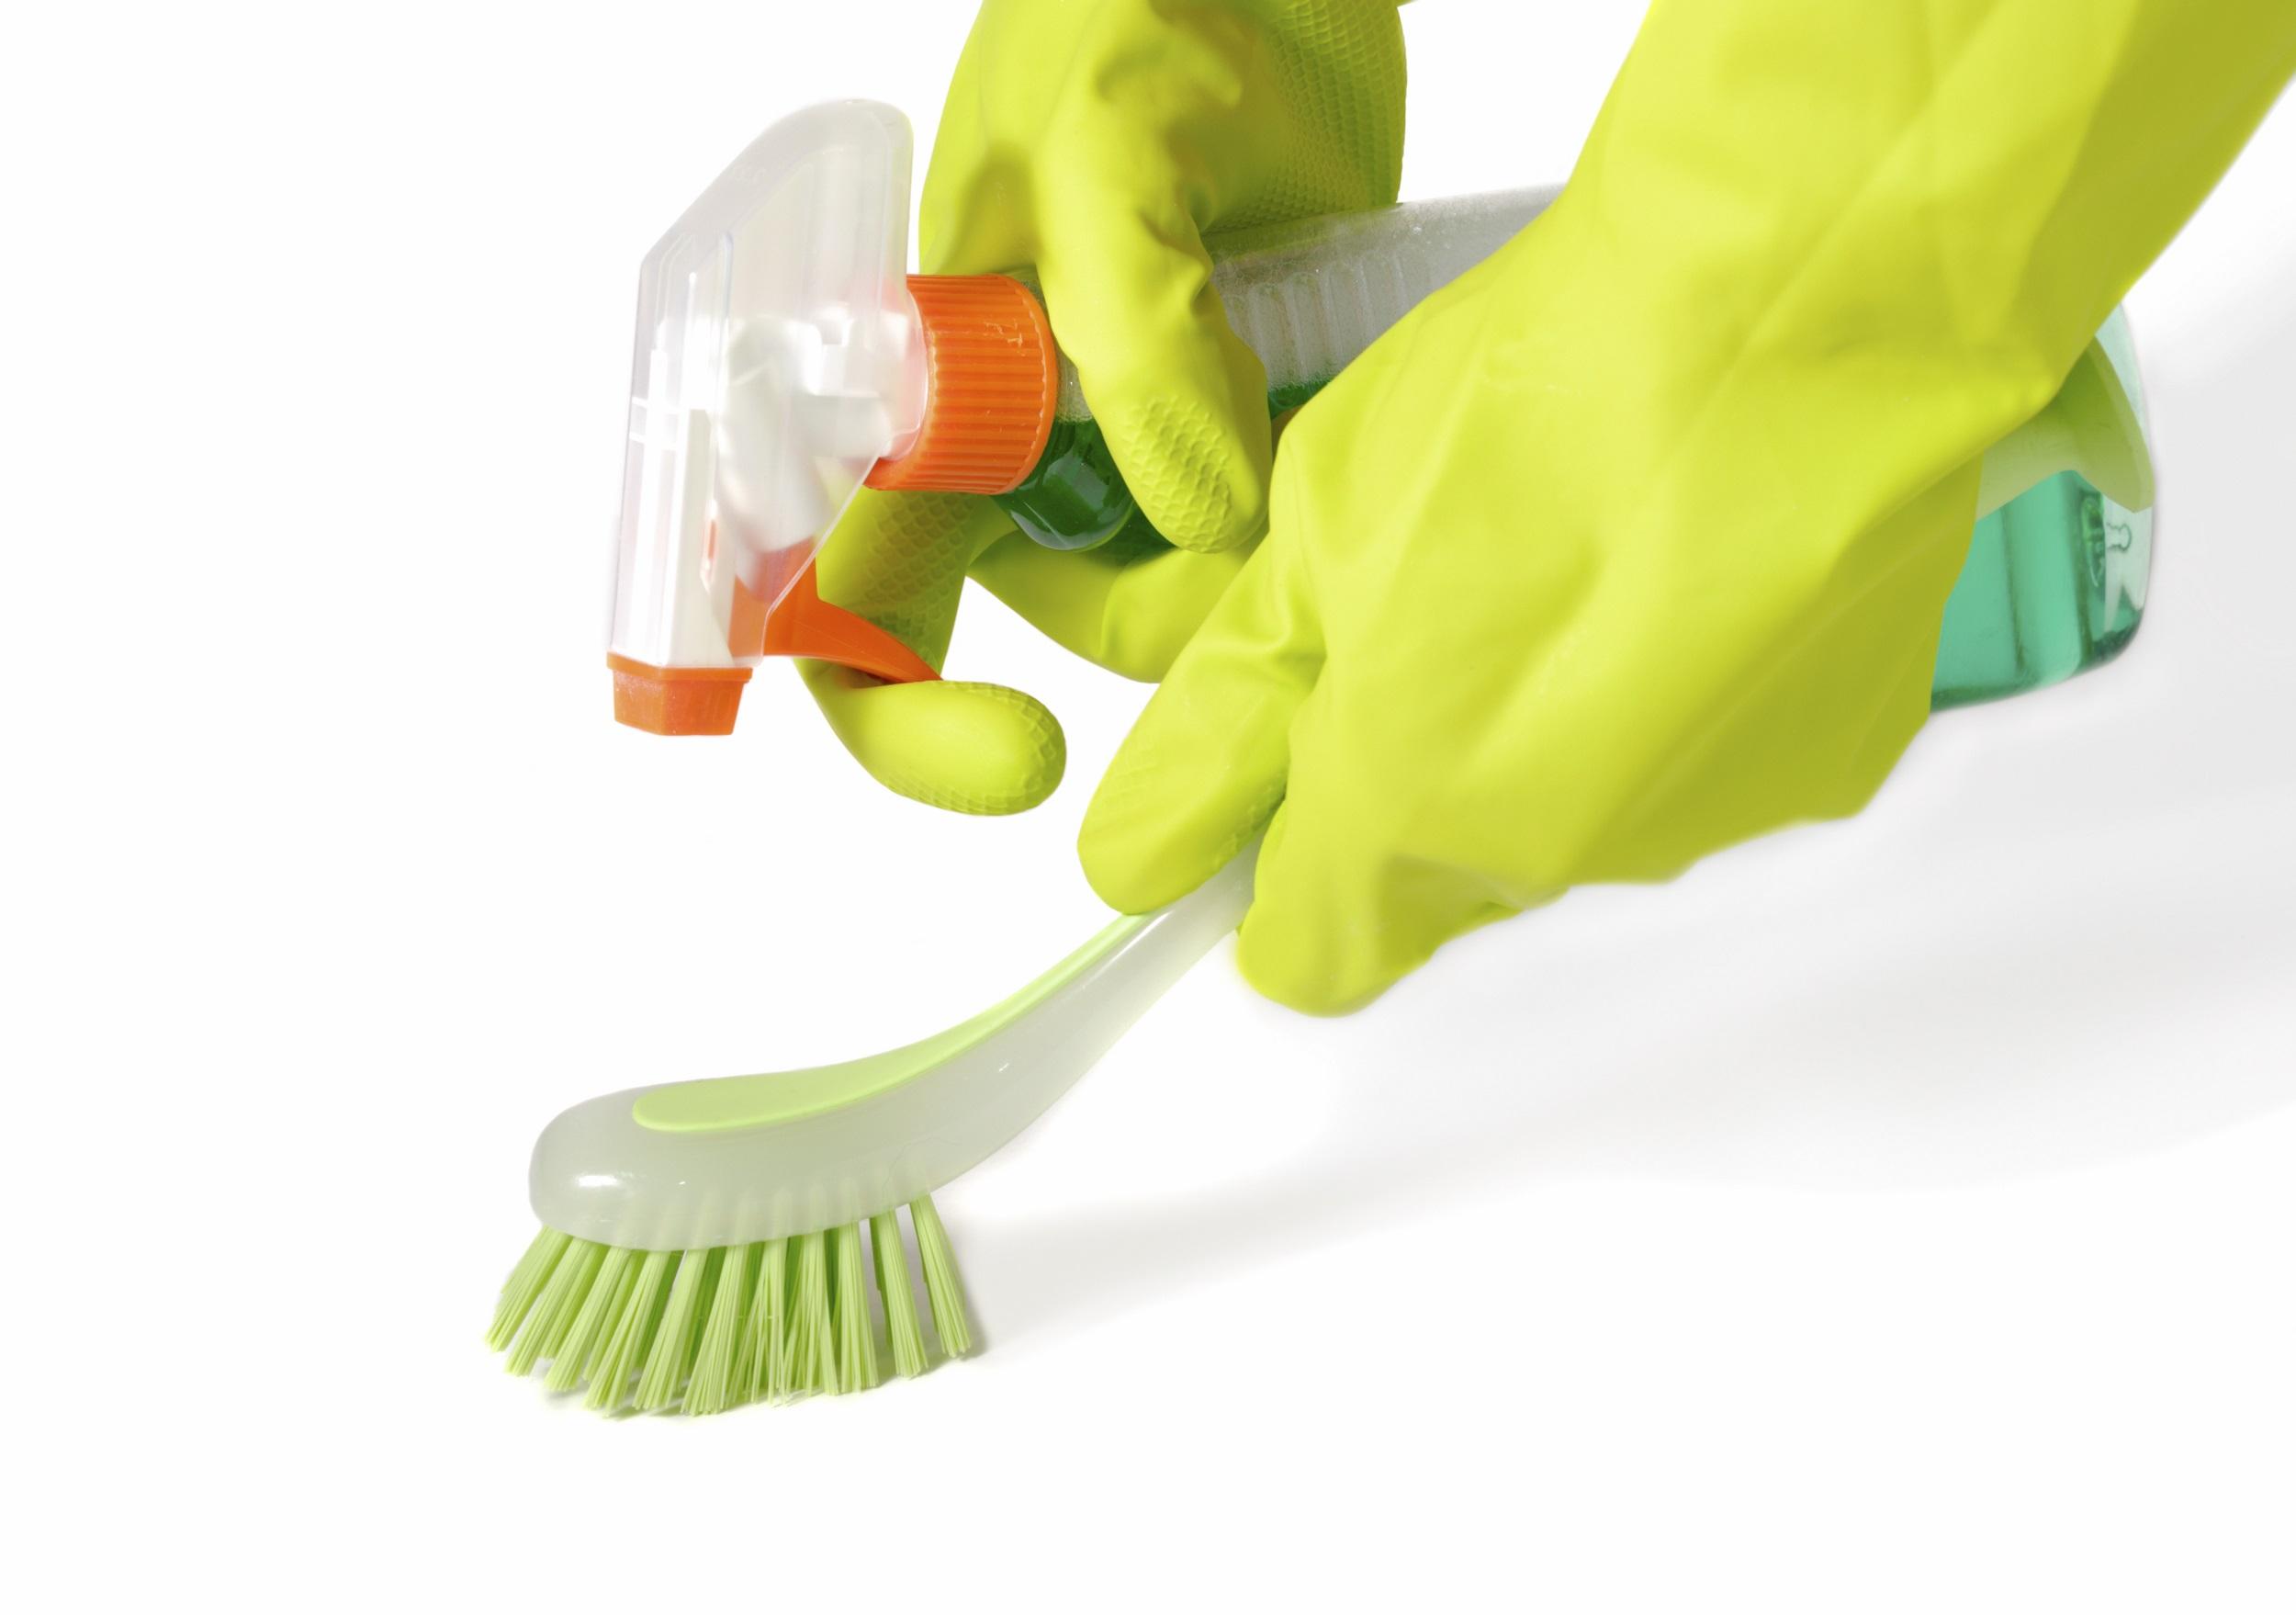 Tegels schoonmaken